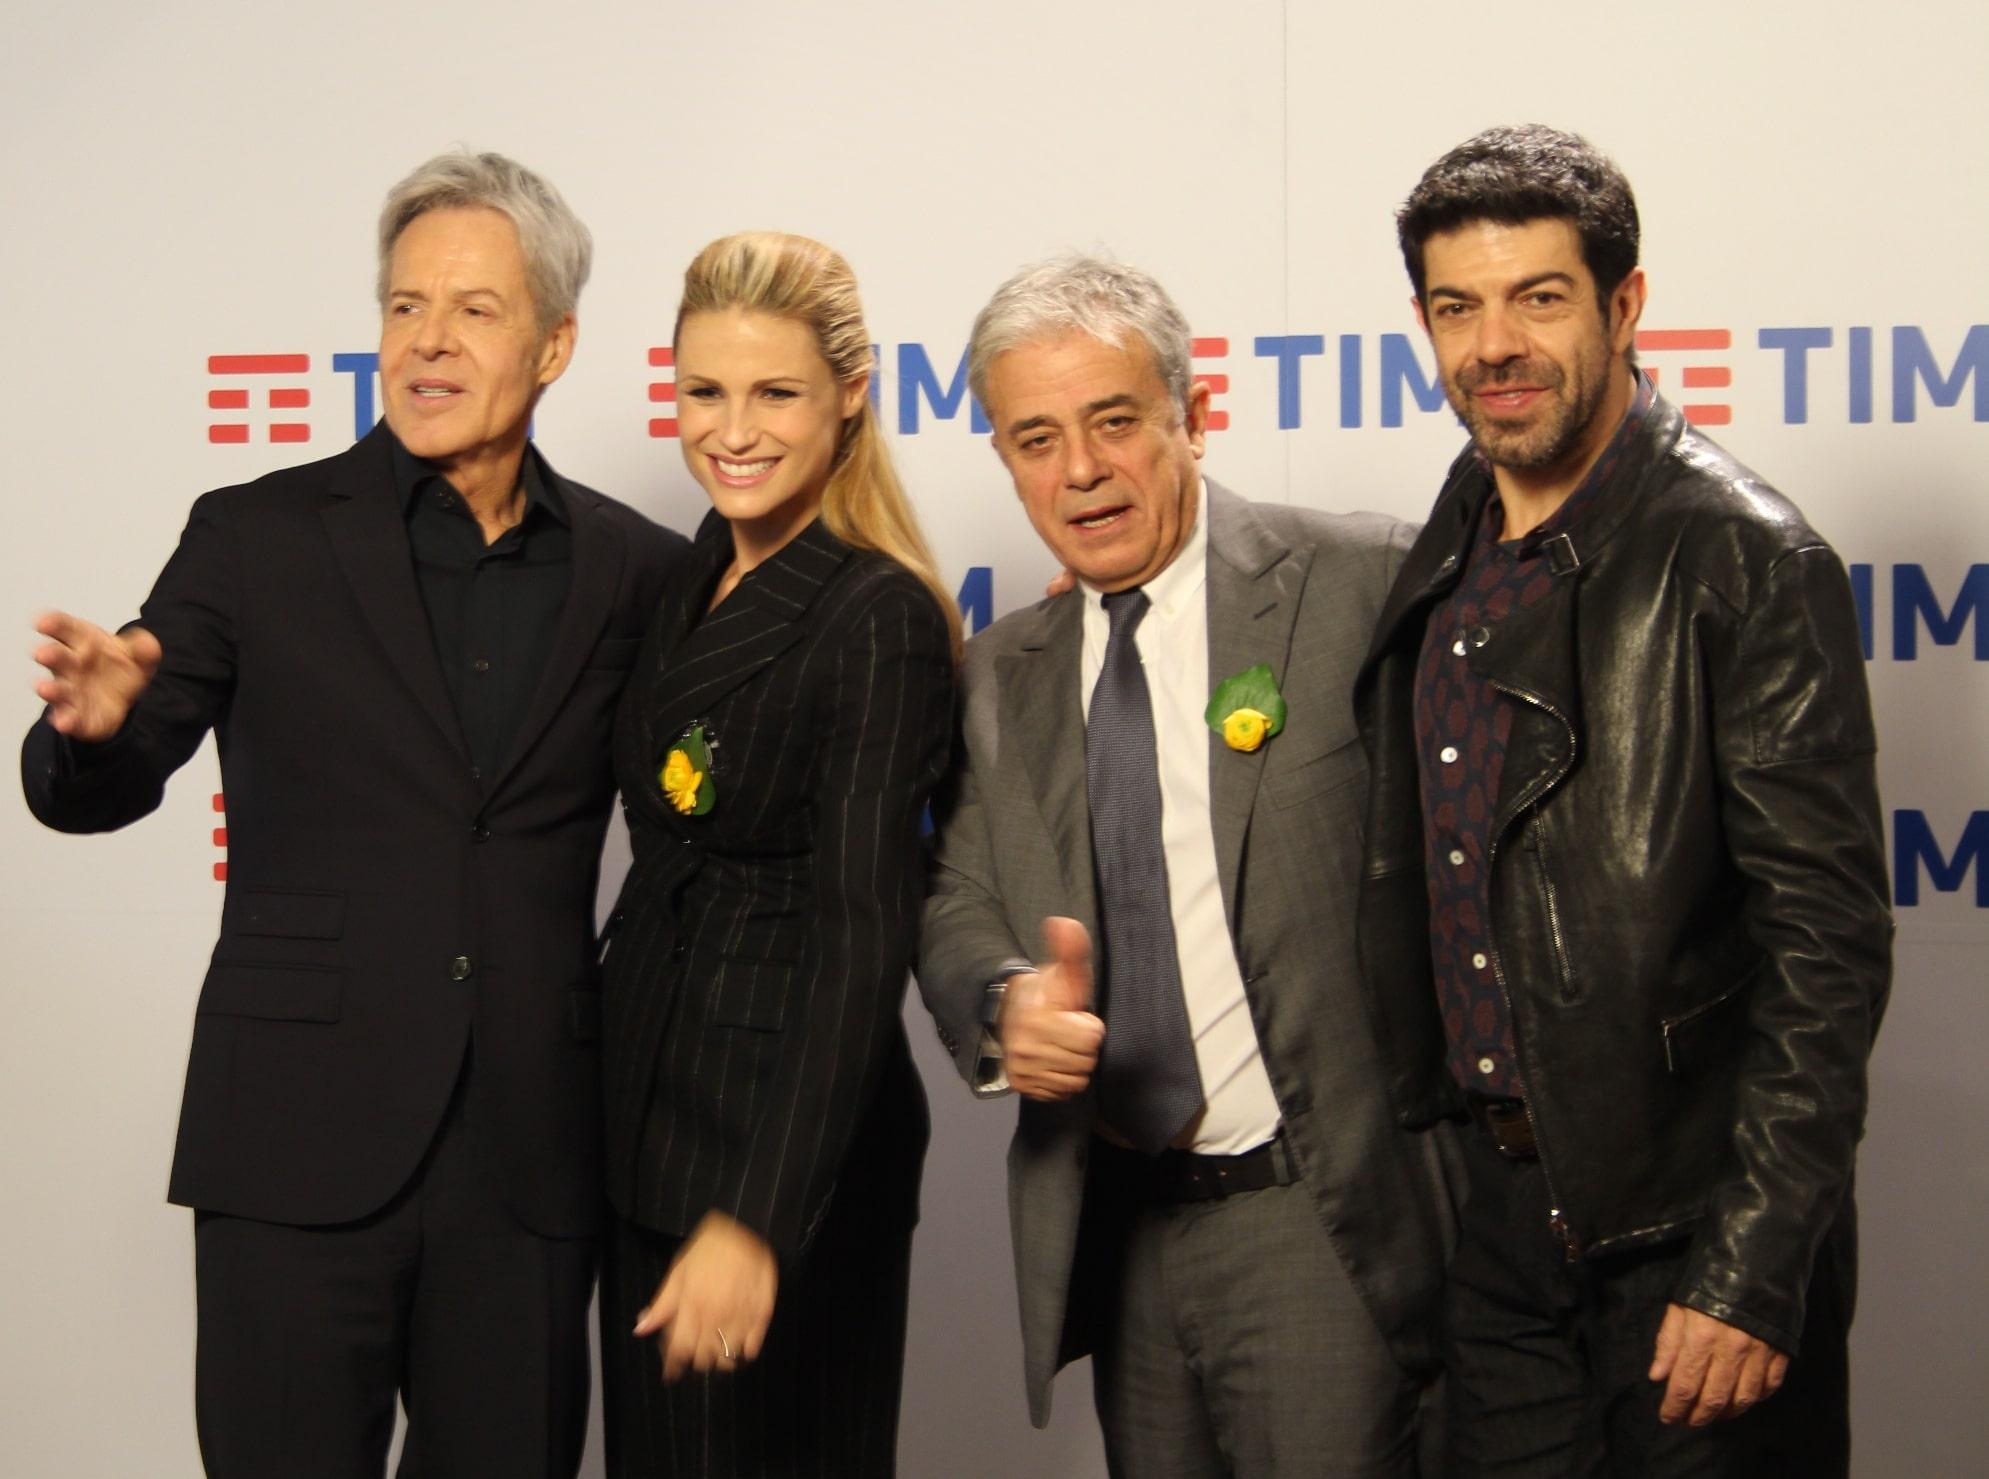 Con il 52 per cento di share, la prima serata di Sanremo conferma un nuovo record di ascolti